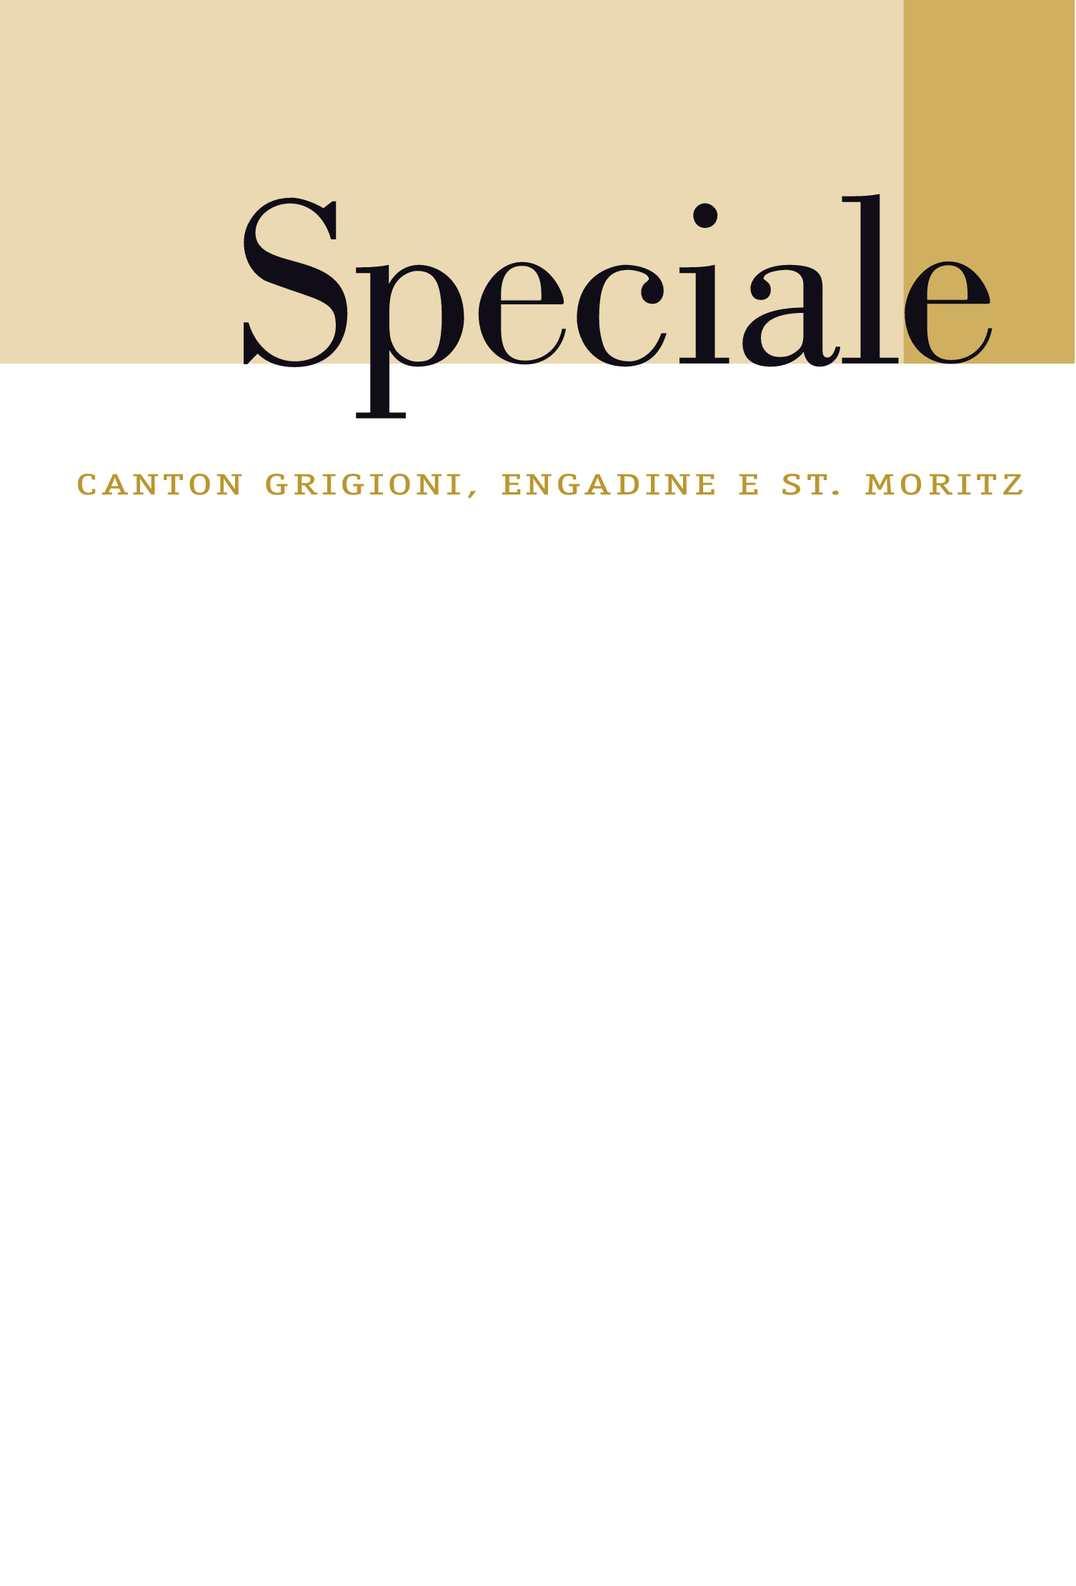 Agenzie Lavoro Canton Grigioni calaméo - stil'e' dicembre 2014: speciale canton grigioni